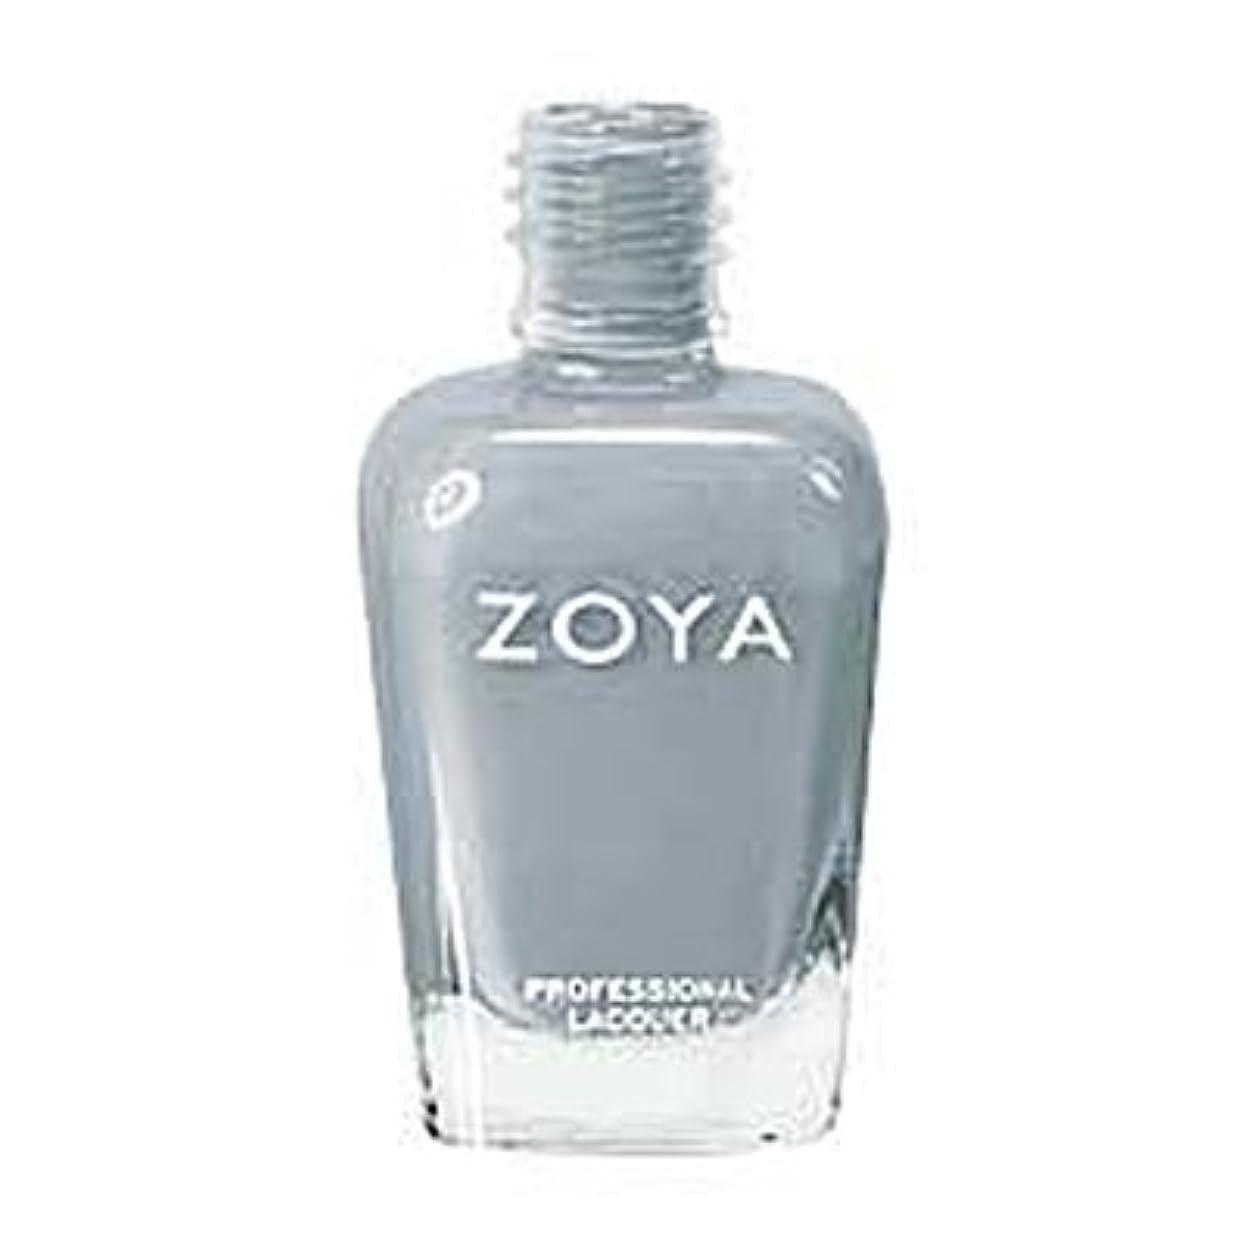 降ろす少なくとも団結[Zoya] ZP591 クリスティン [Feel Collection][並行輸入品][海外直送品]